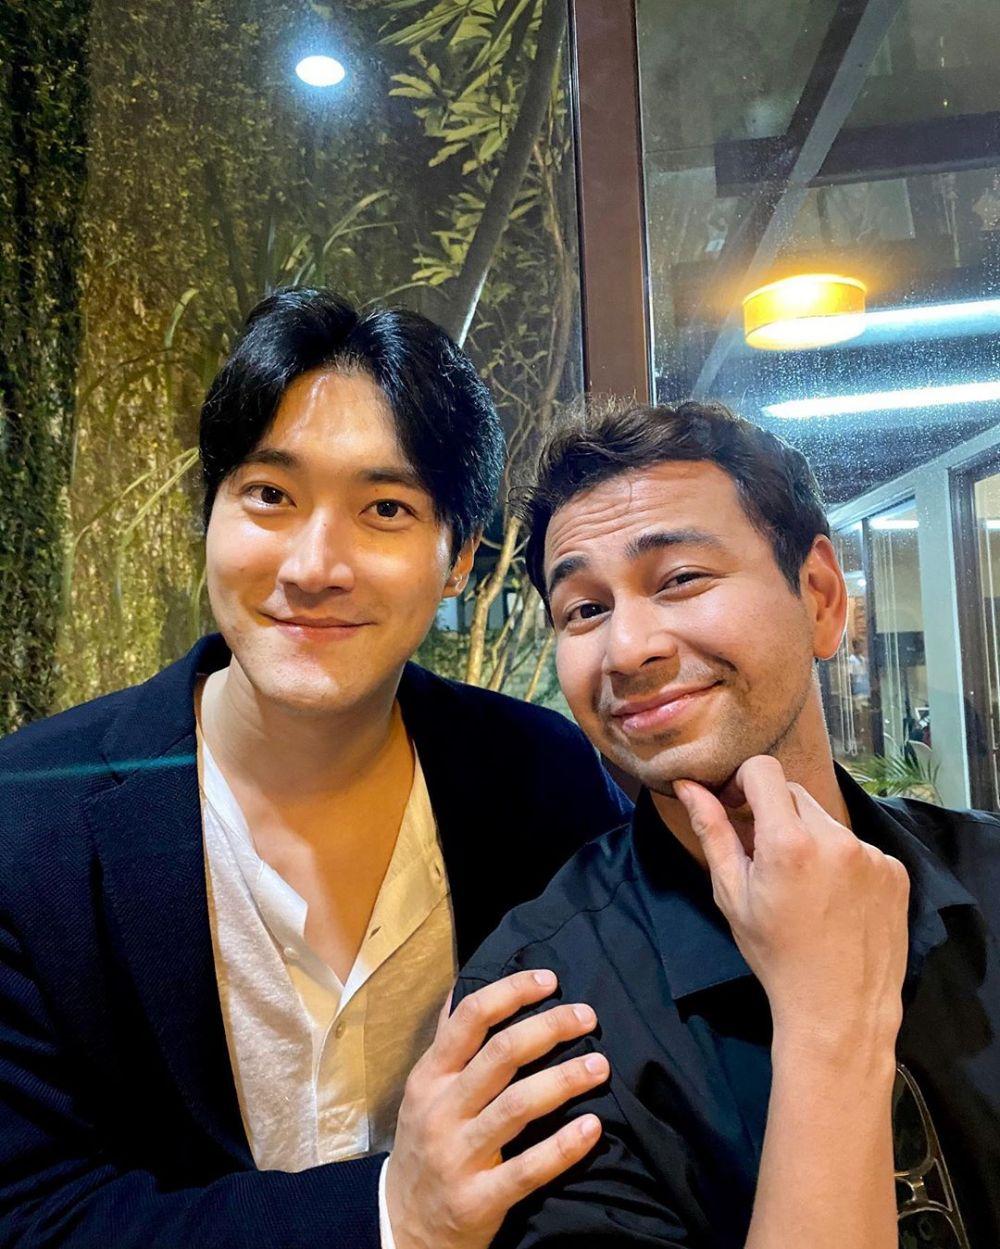 Persahabatan seleb Indonesia & Korea Instagram